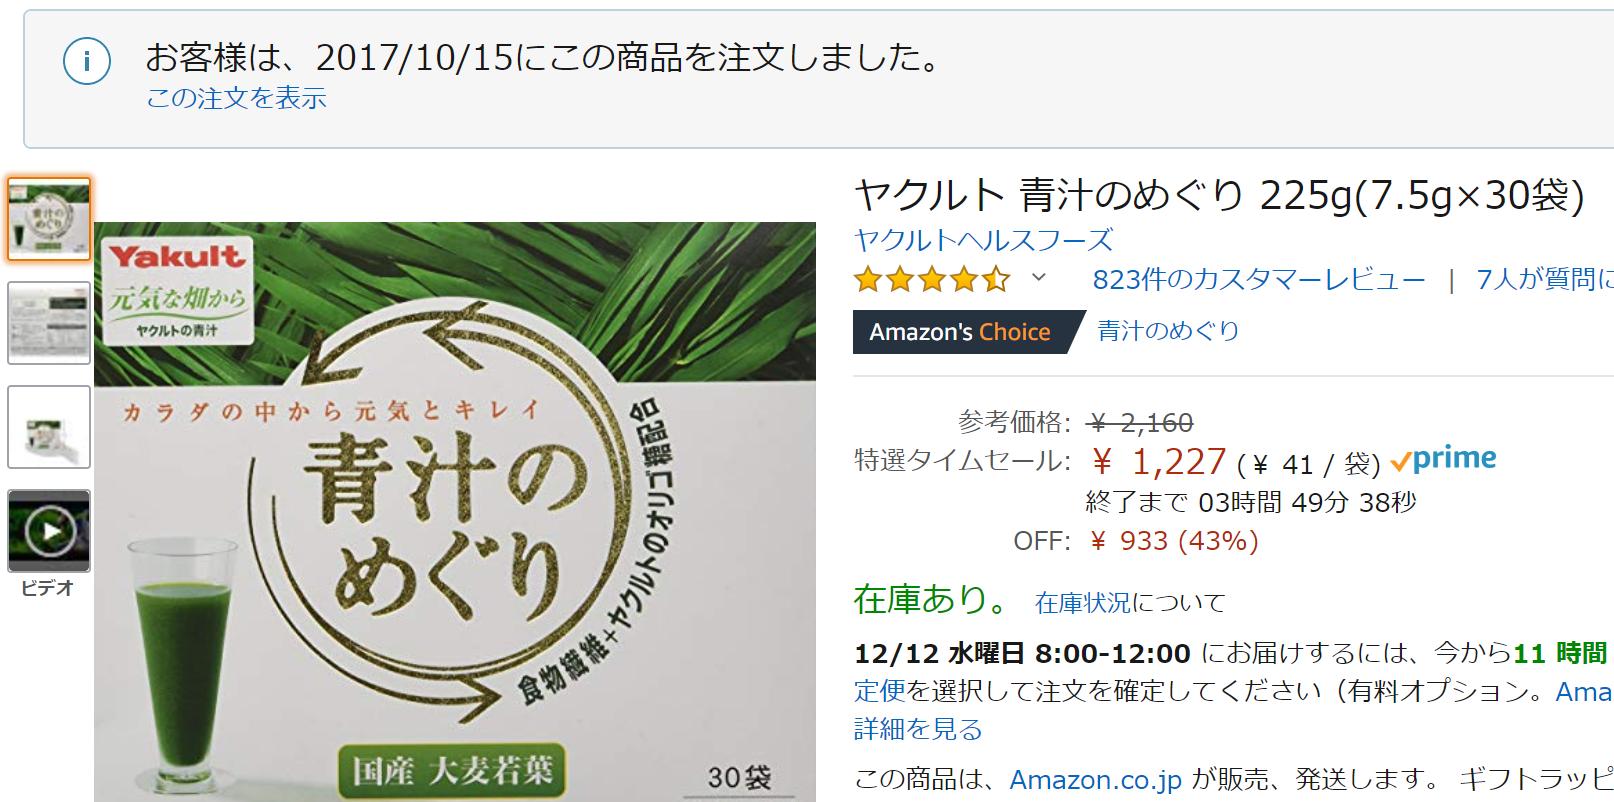 「青汁のめぐり」Amazon特選タームセール時の画像